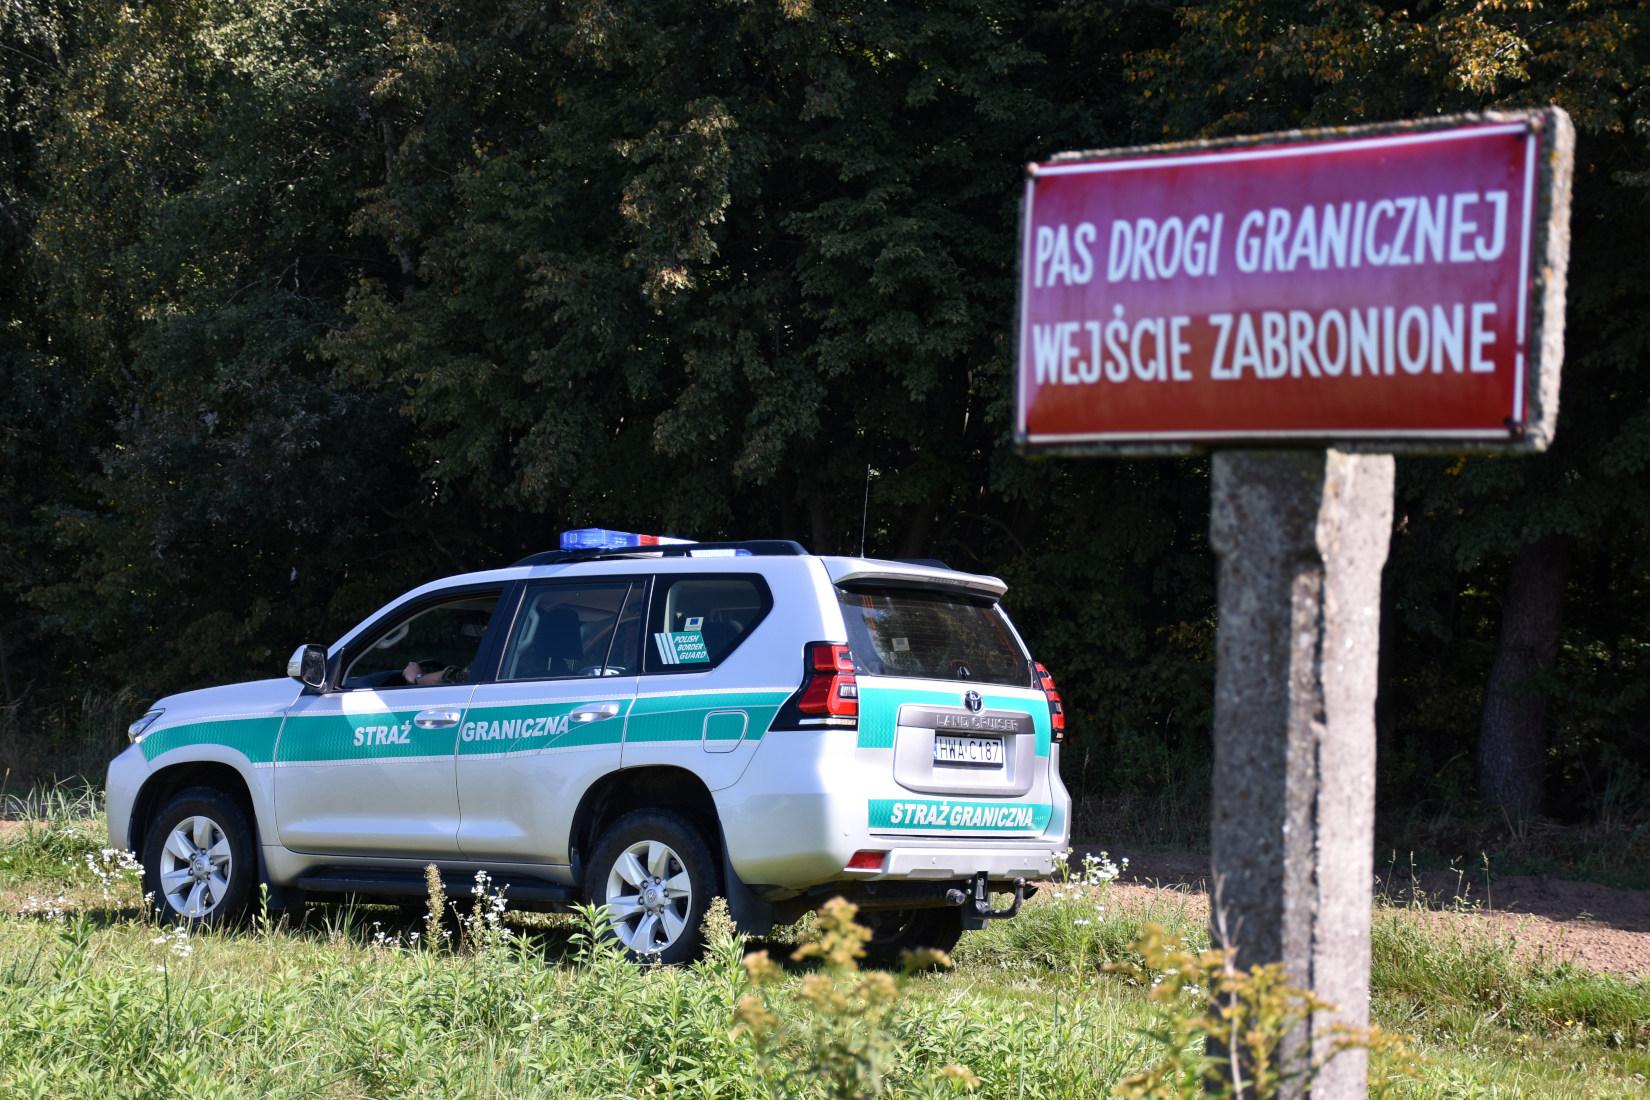 Zatrzymanie dwóch imigrantów z Turcji na przejściu granicznym  - Zdjęcie główne